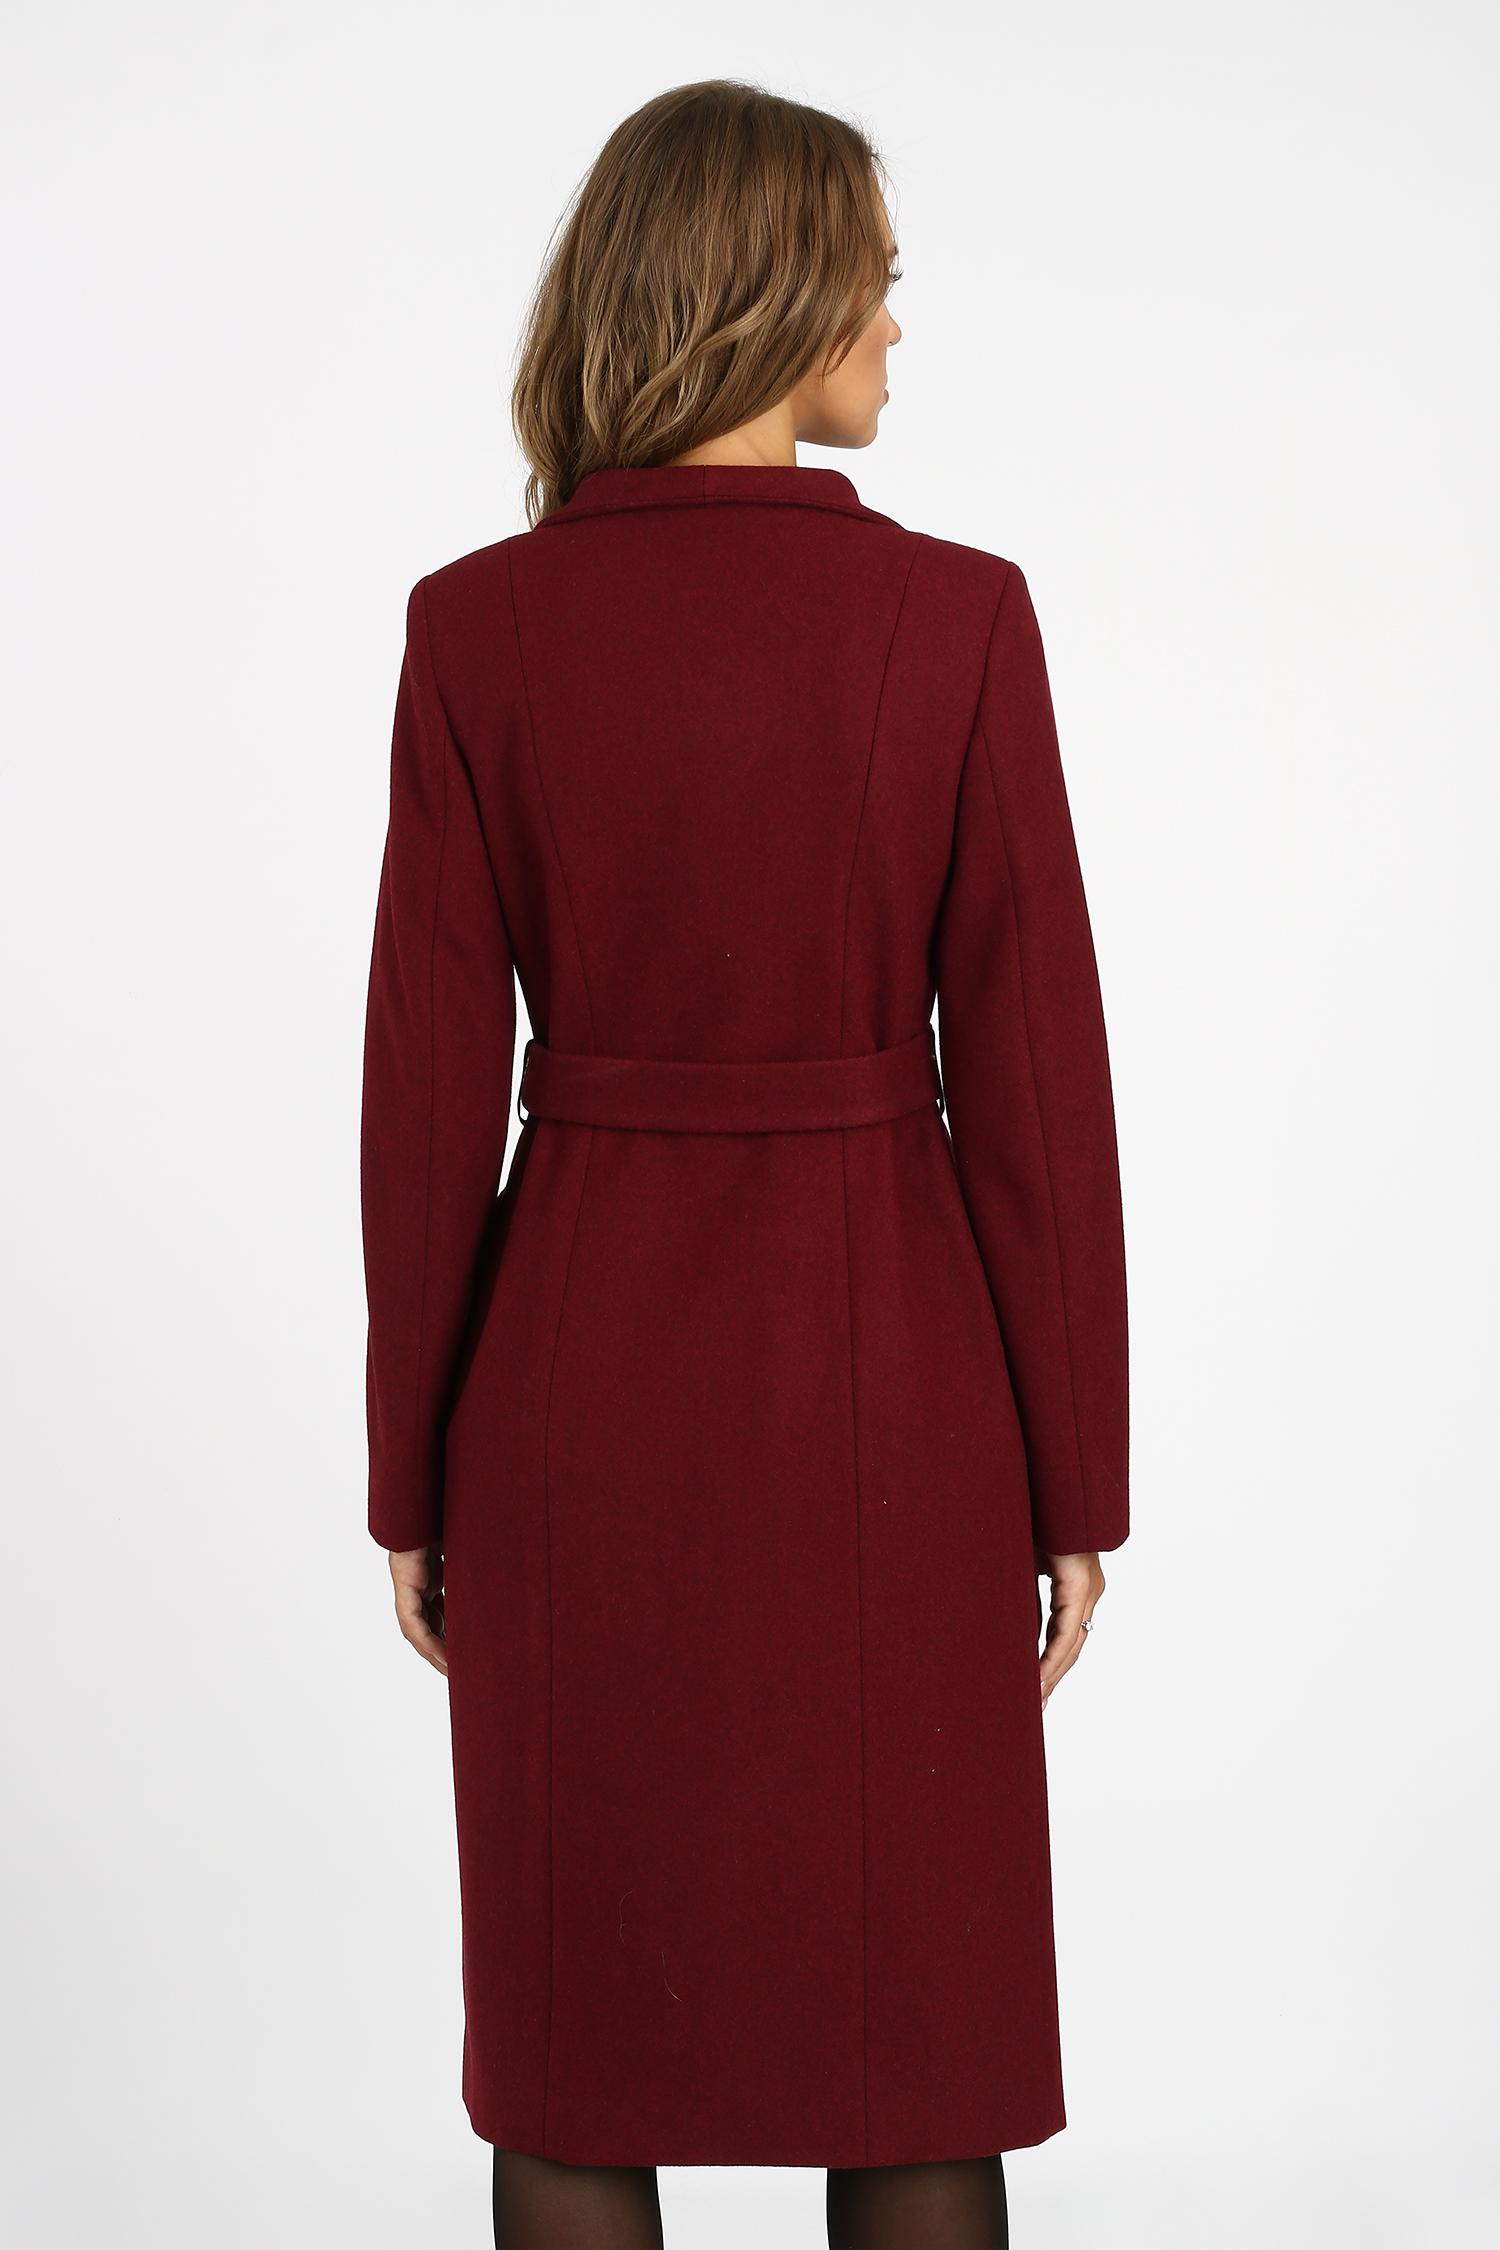 Женское пальто из текстиля с капюшоном,  отделка шерсть